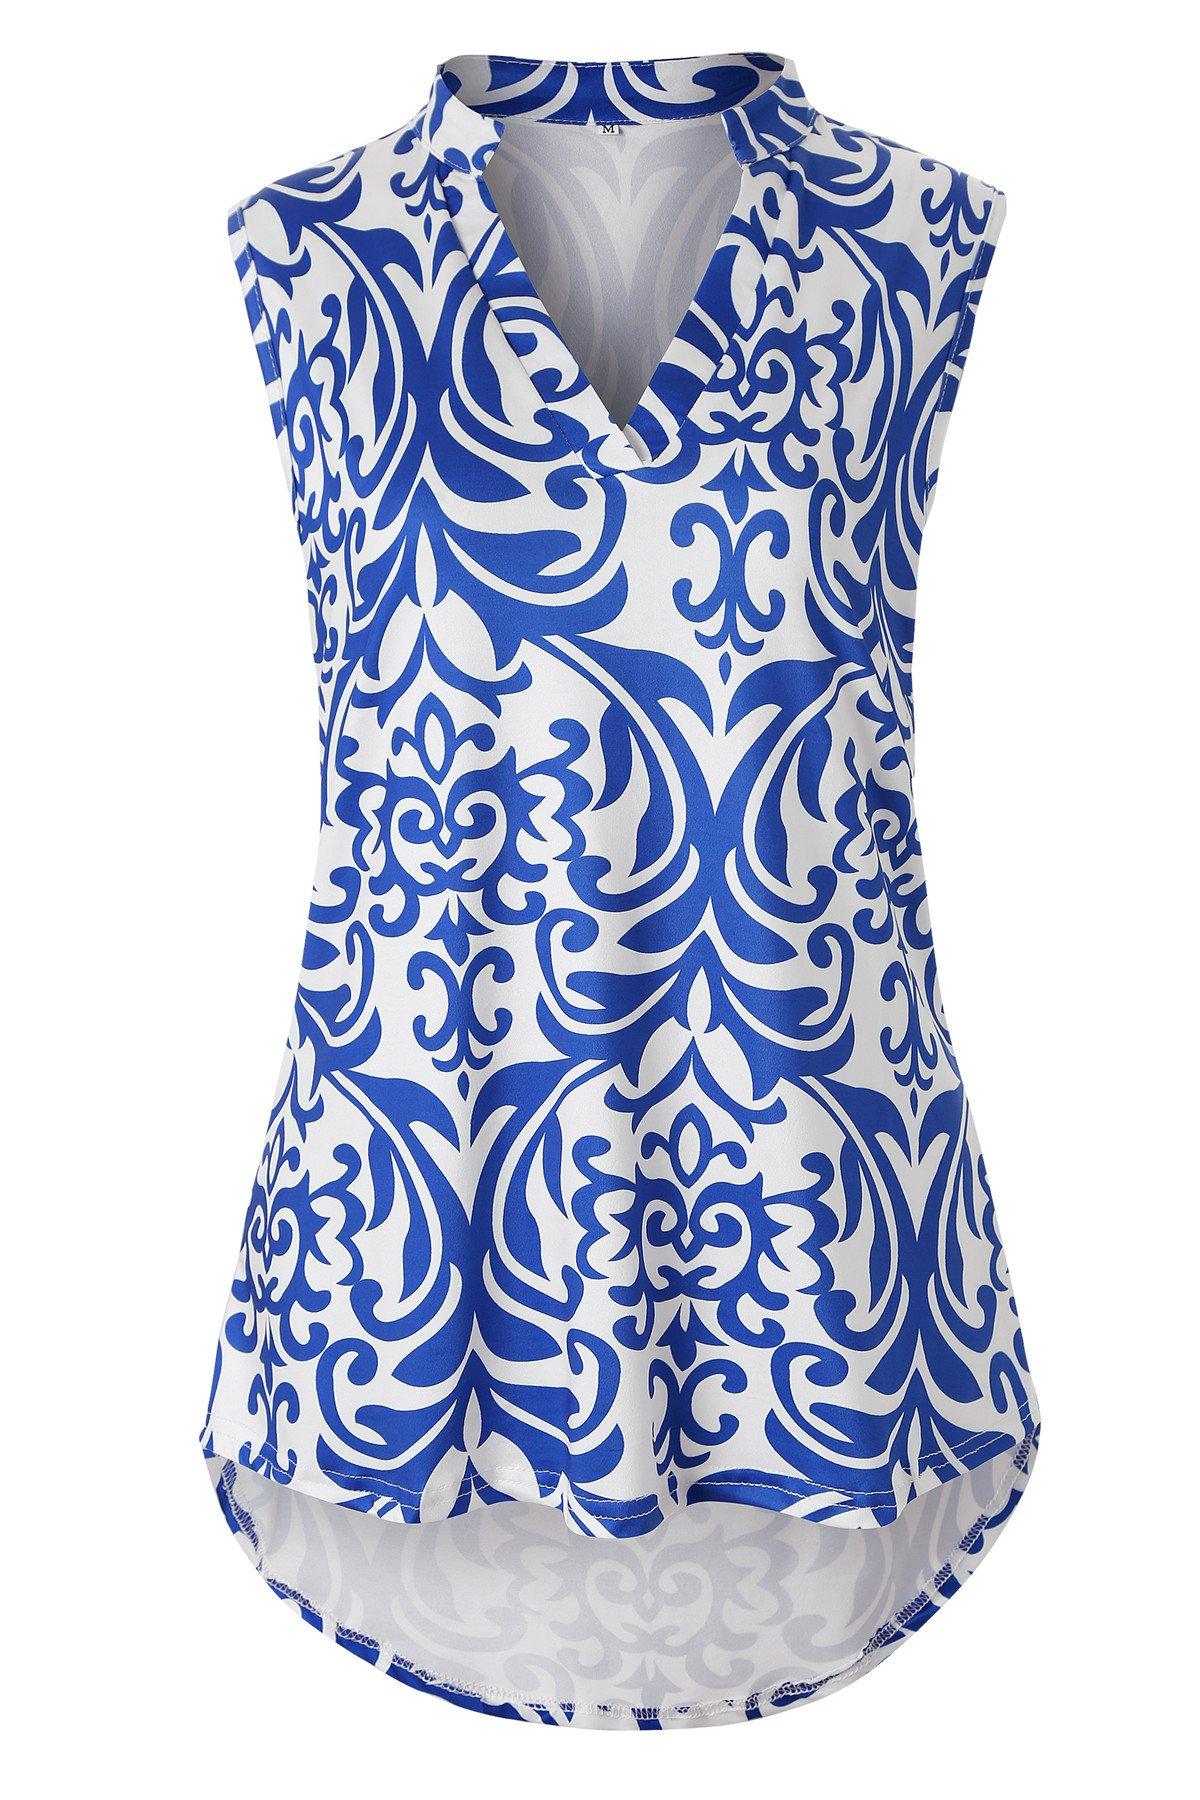 Luranee Zulily Tunics For Women Feminine Work Shirts Sleeveless